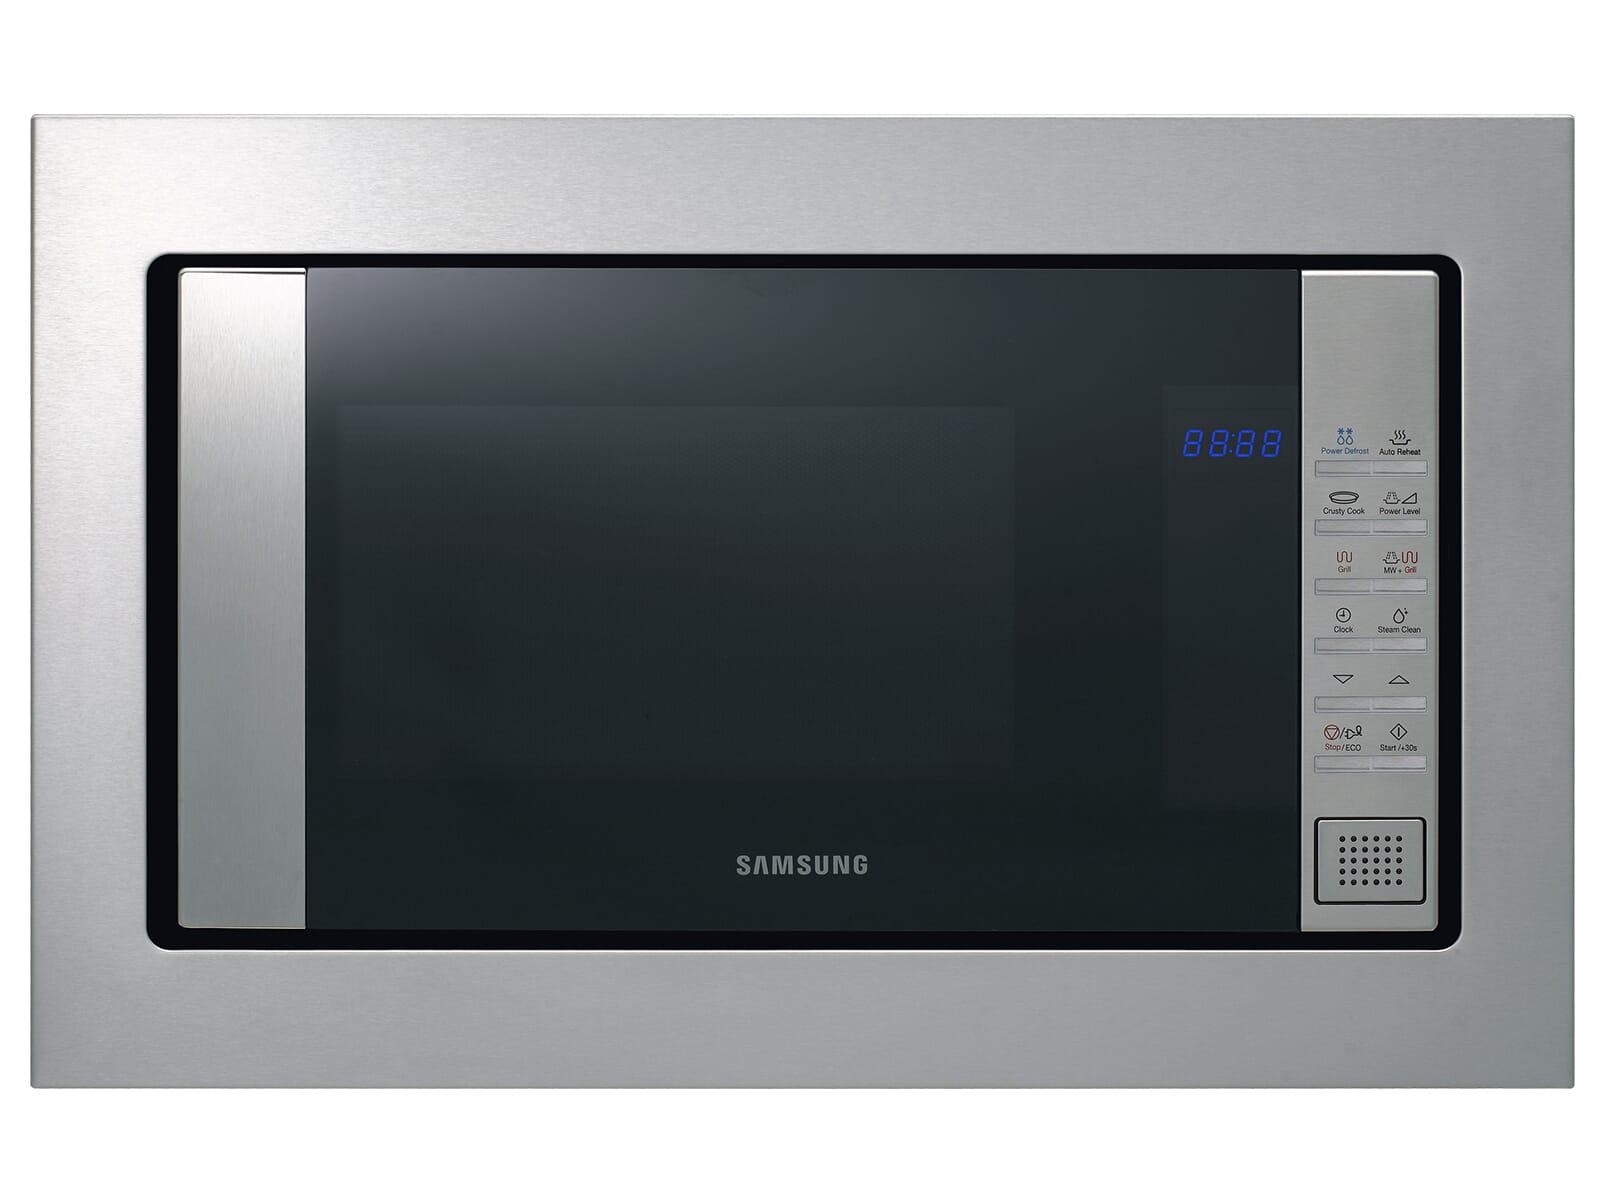 Samsung FG77SUST/XEG Einbau-Mikrowelle mit Grill Edelstahl